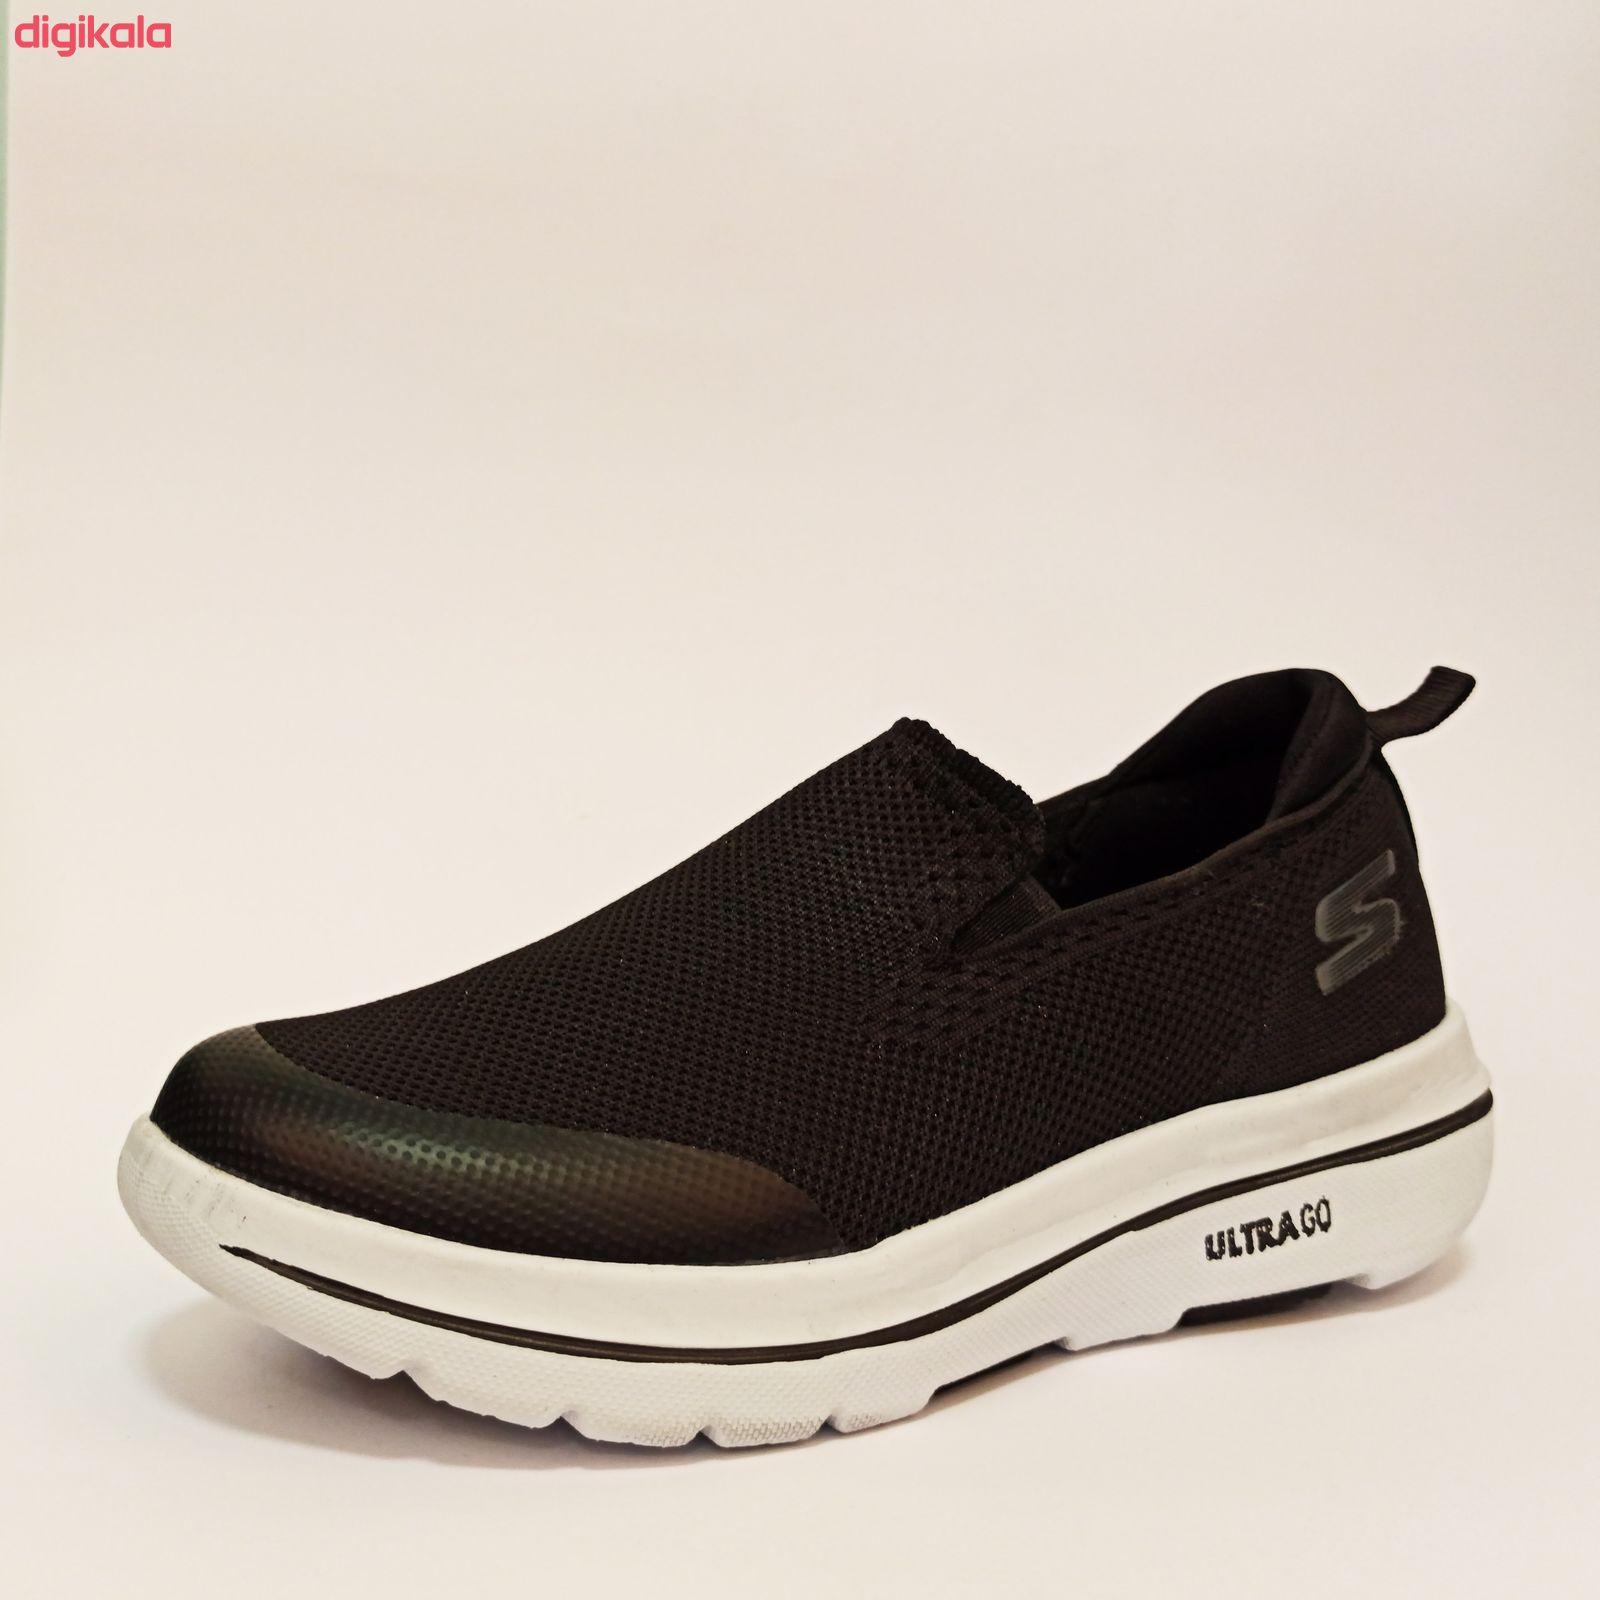 کفش راحتی مدل gowalk19 main 1 1